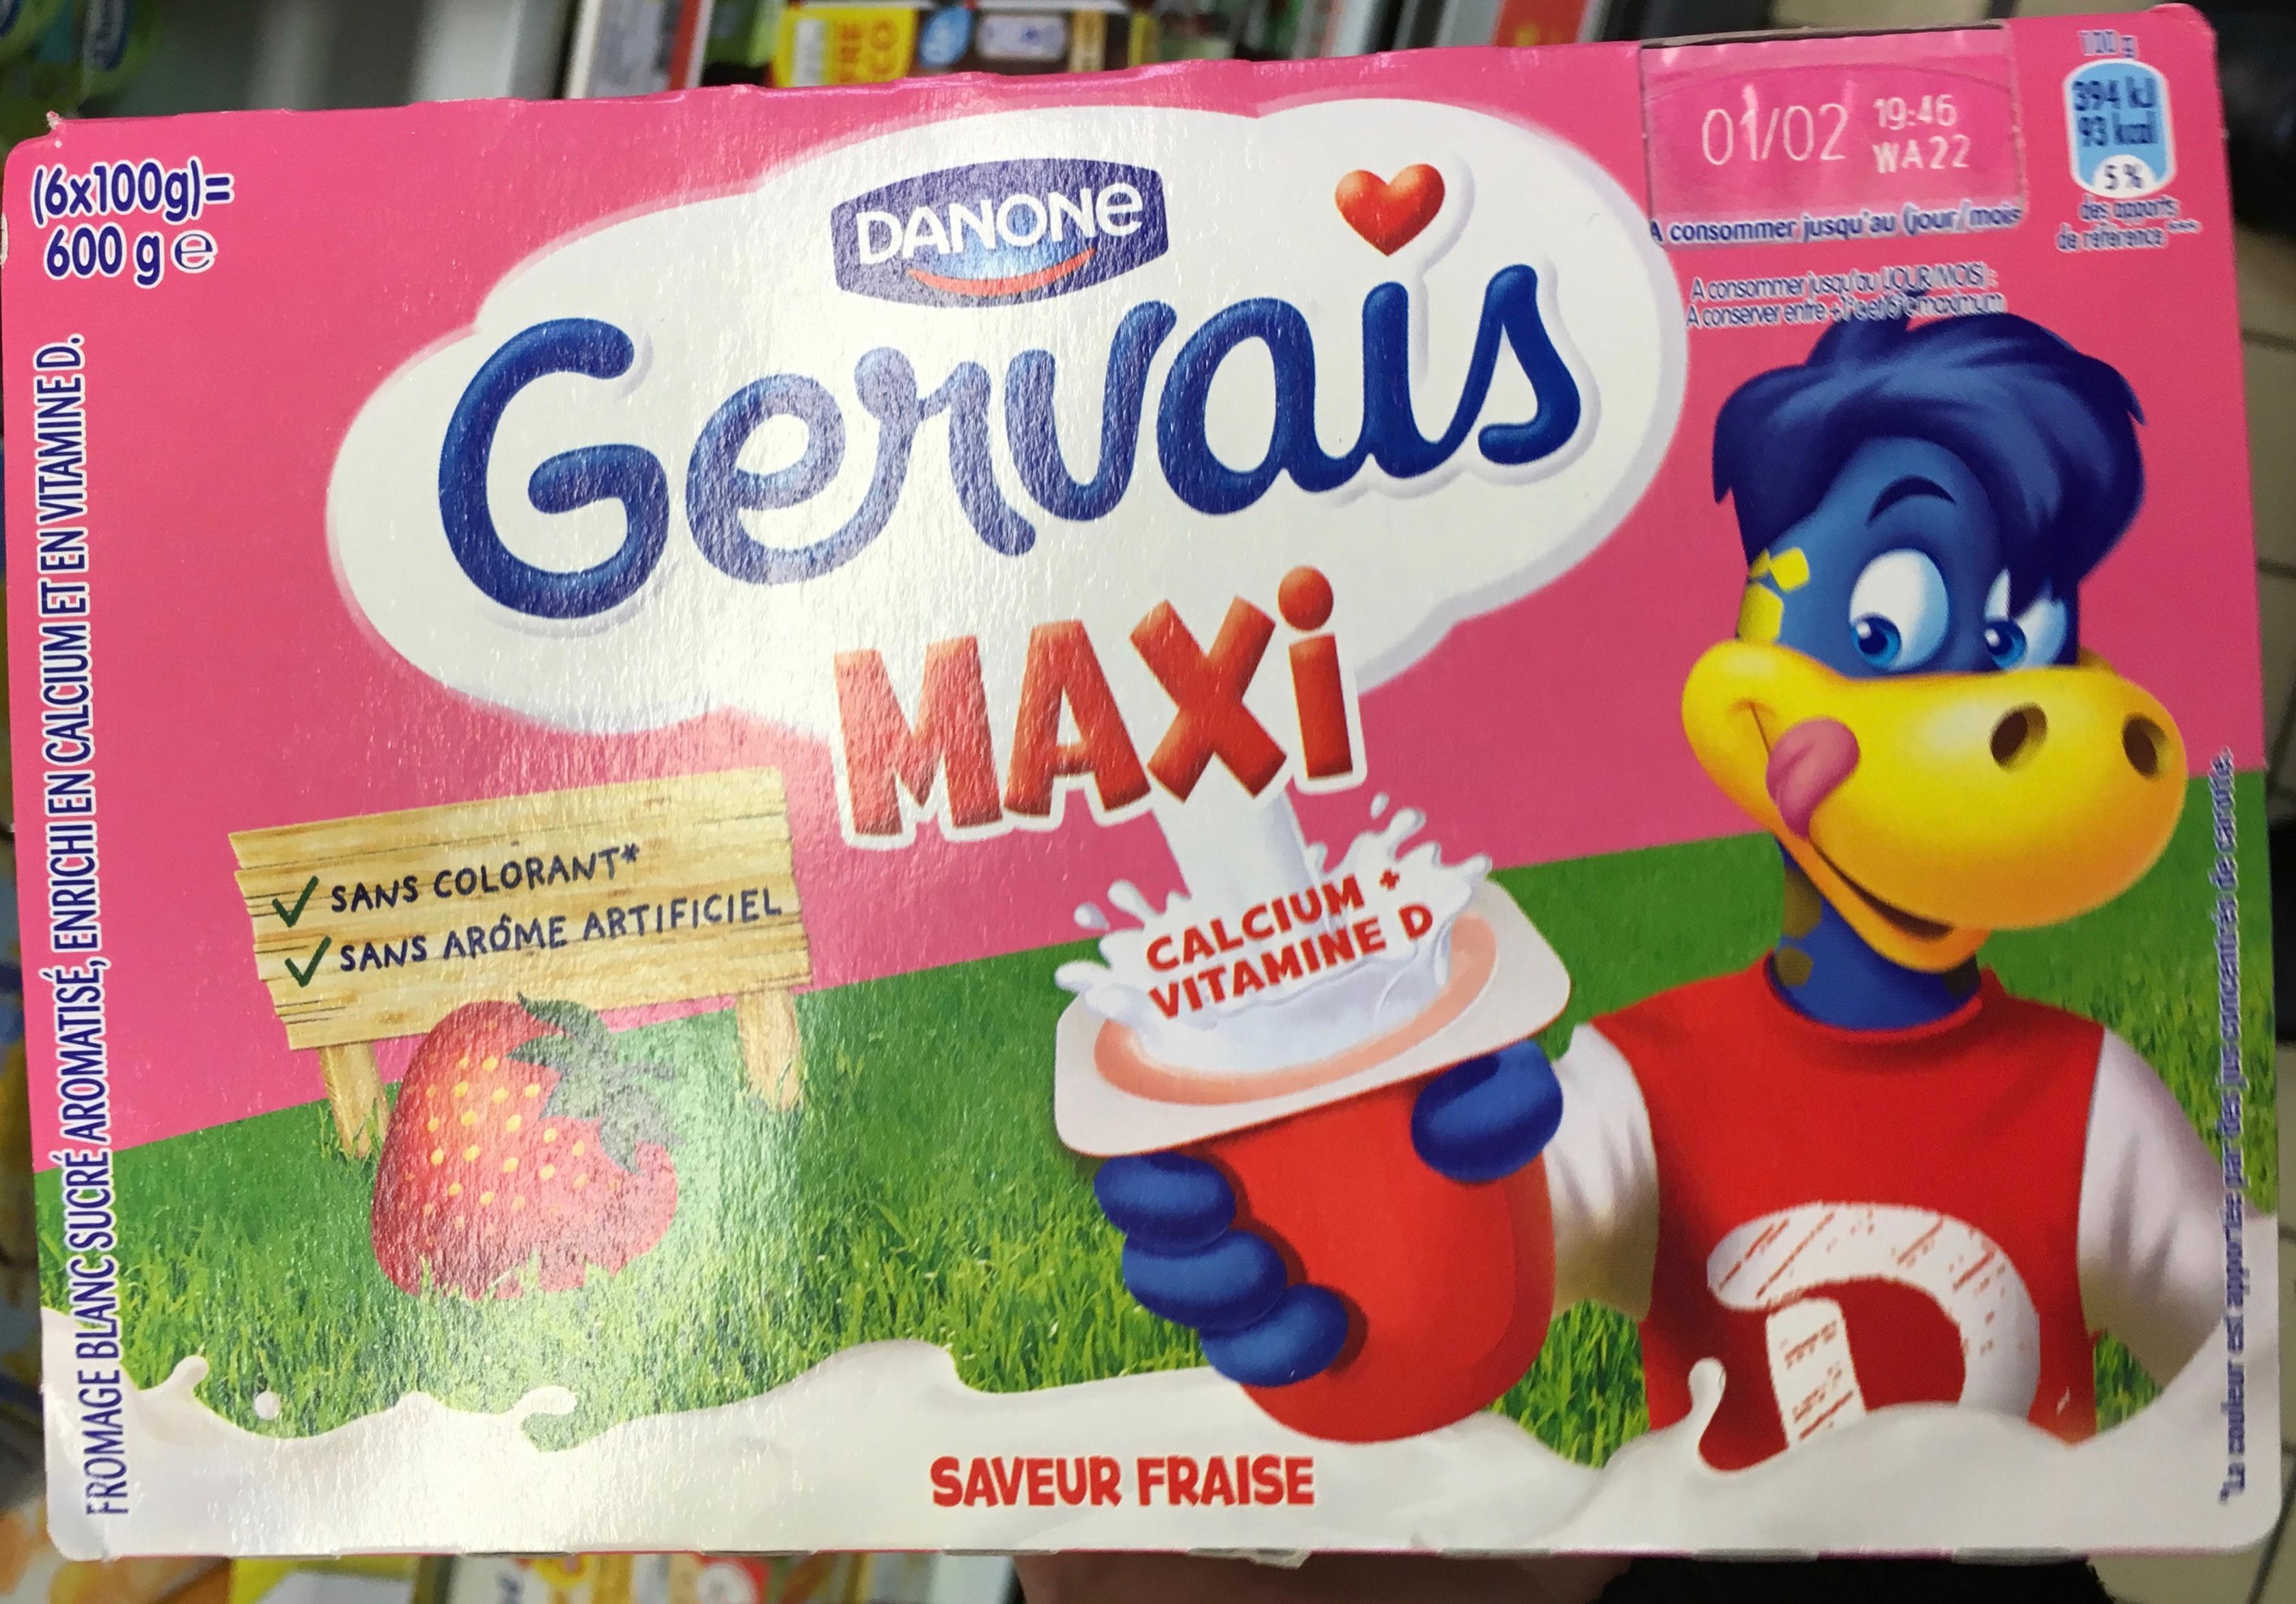 Gervais Maxi saveur Fraise - Produit - fr